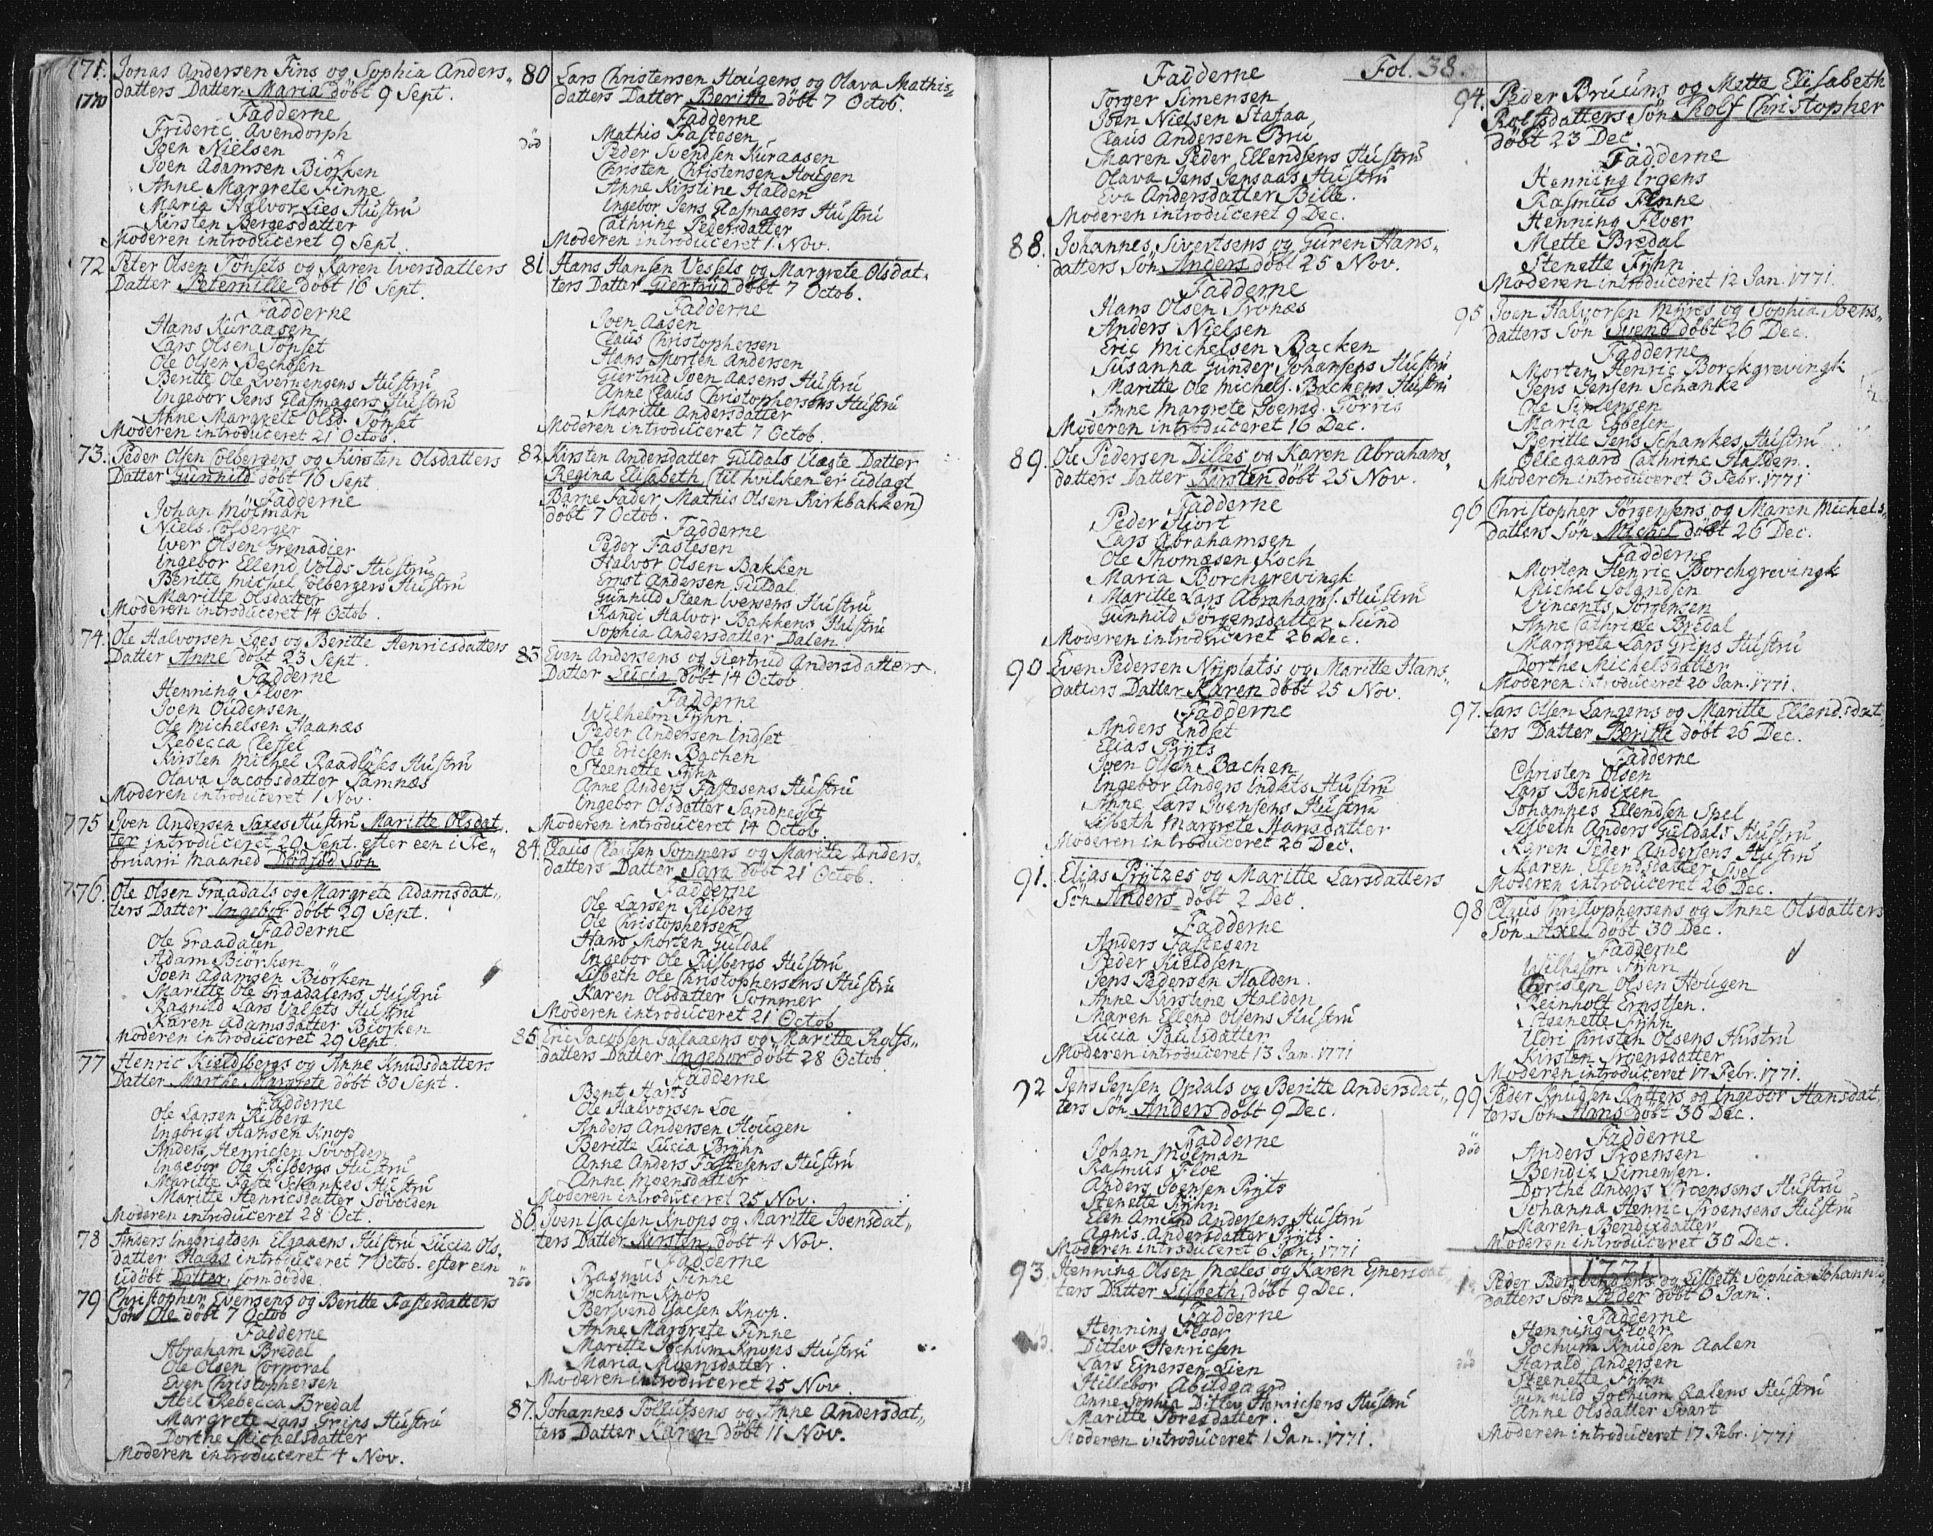 SAT, Ministerialprotokoller, klokkerbøker og fødselsregistre - Sør-Trøndelag, 681/L0926: Ministerialbok nr. 681A04, 1767-1797, s. 38